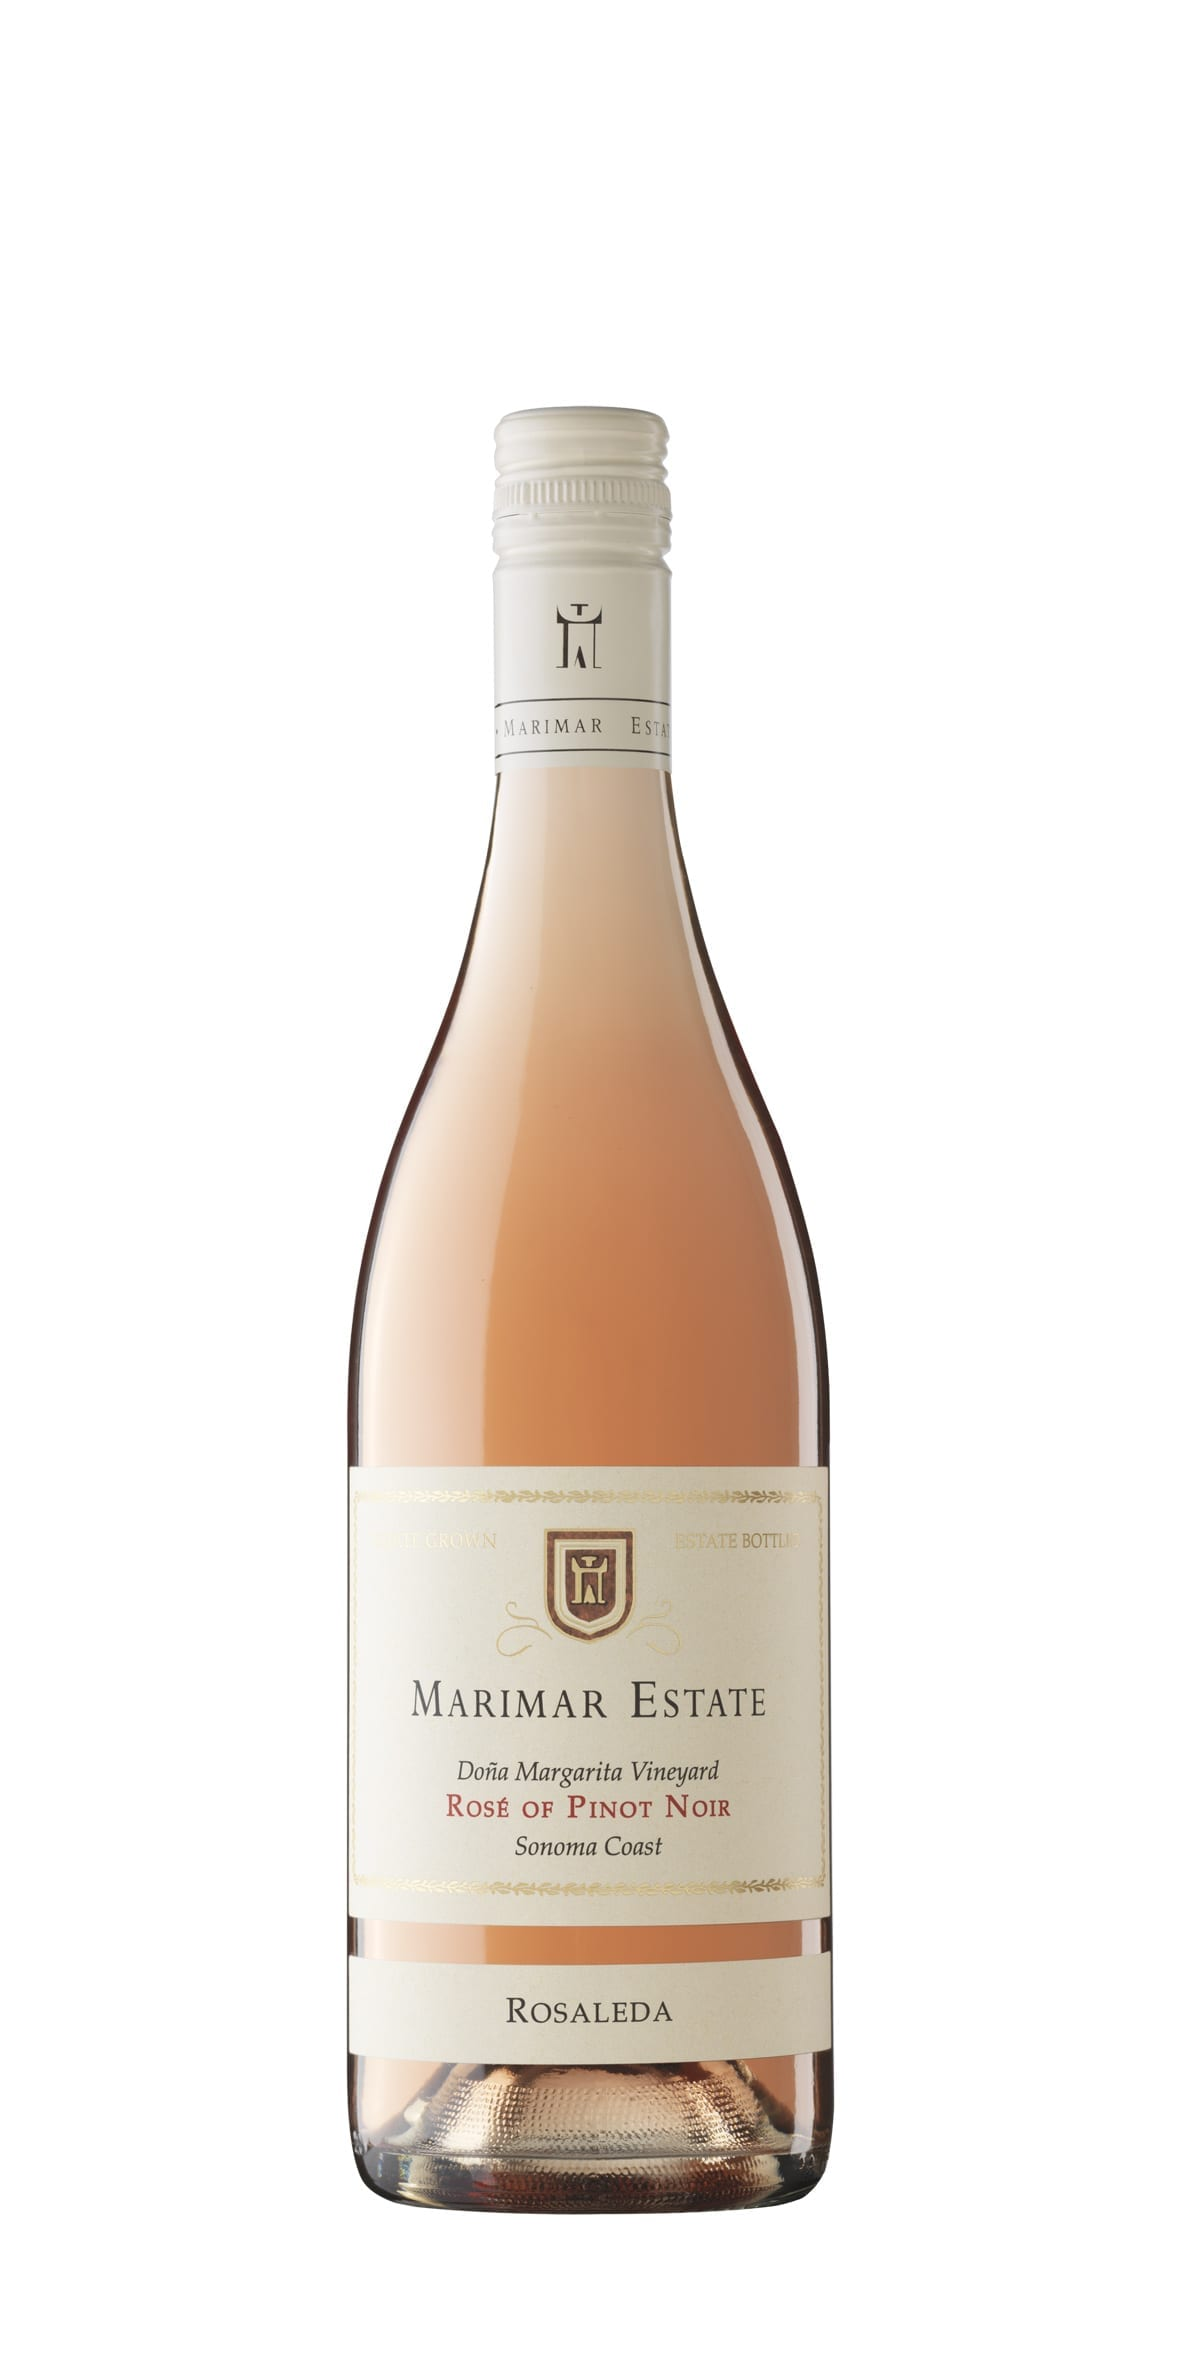 Marimar Torres vino rosado